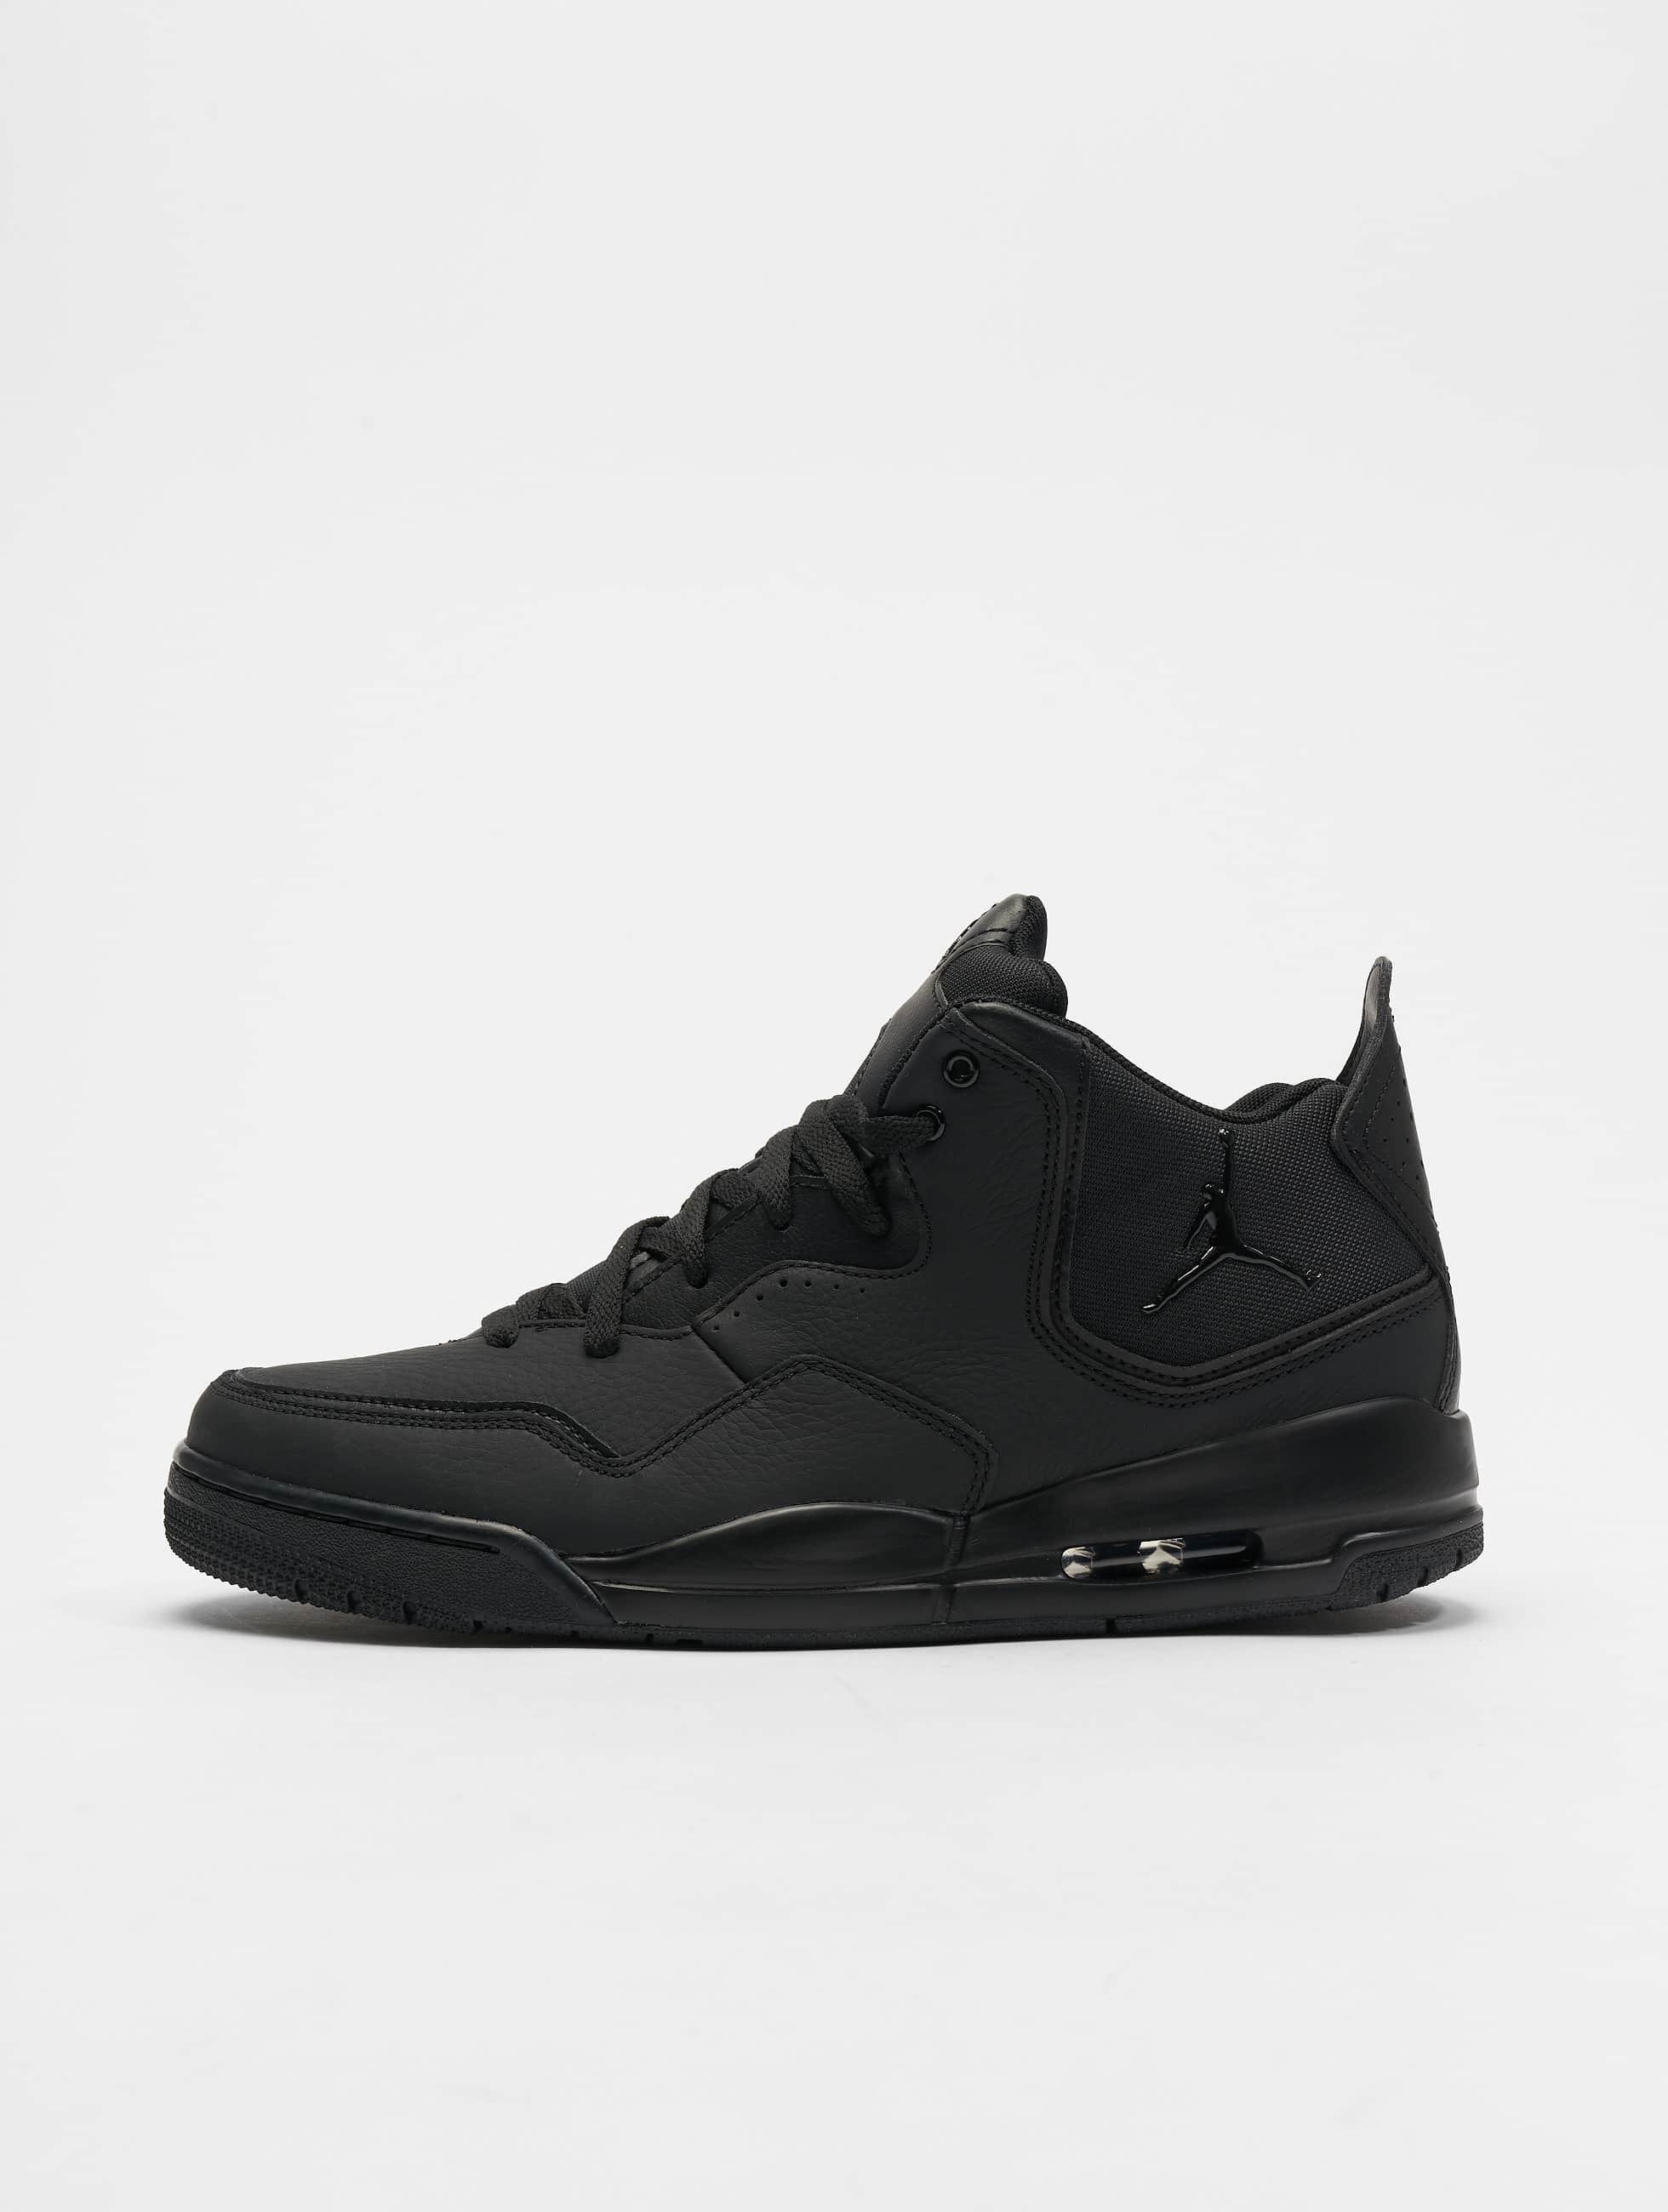 incroyable sélection coupe classique courir chaussures Jordan Courtside 23 Sneakers Black/Black/Black